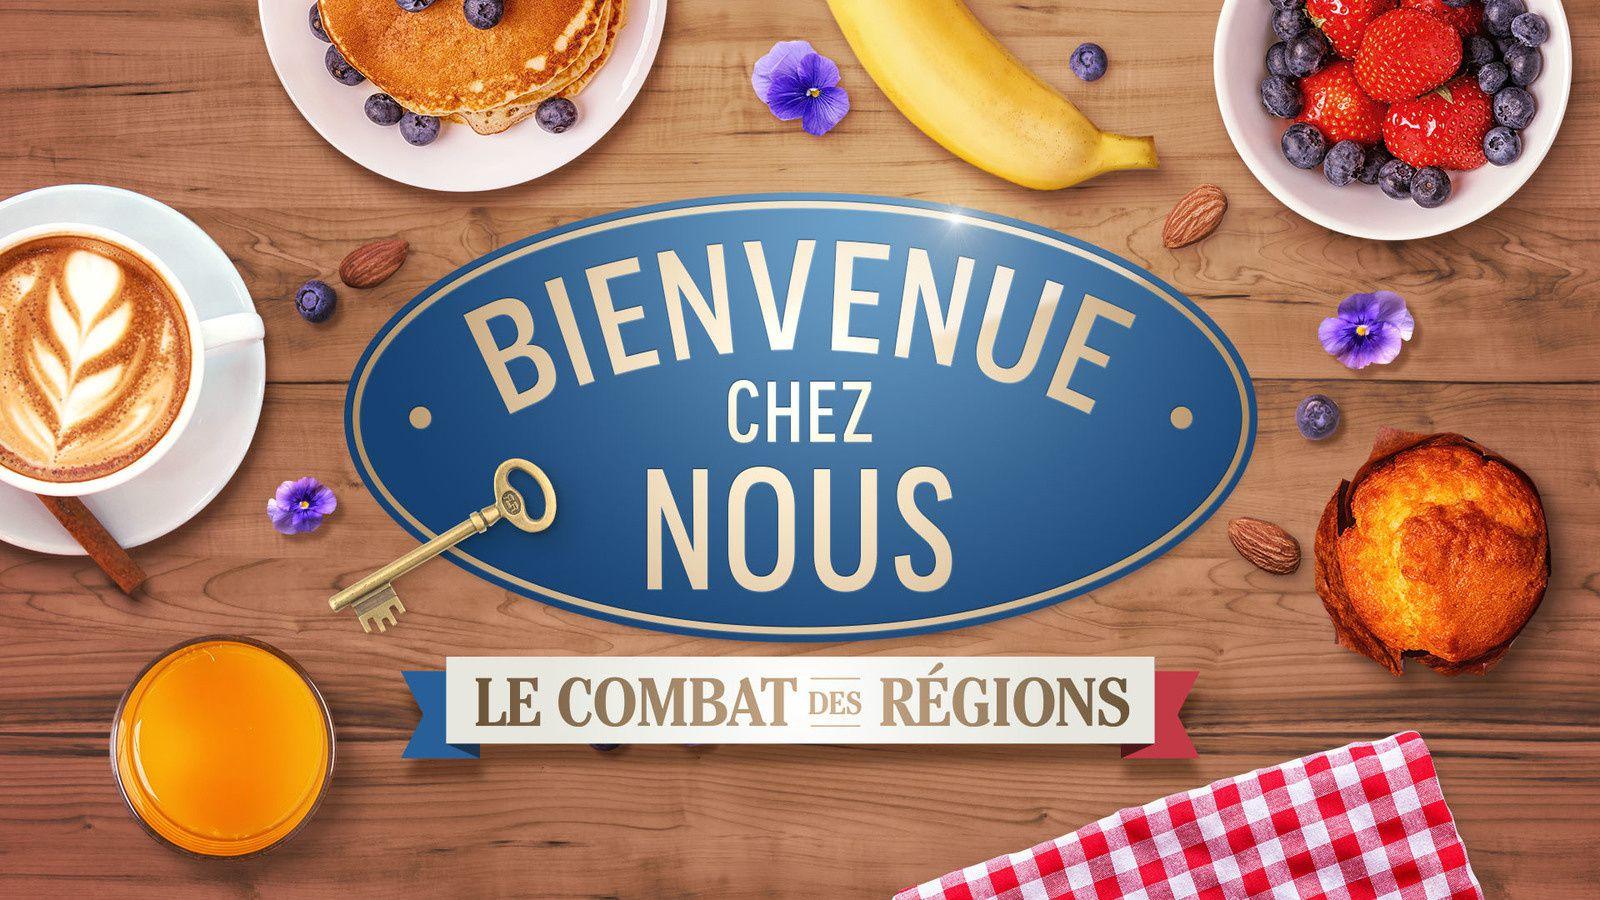 Bienvenue chez nous, finale du combat des régions : adresses et sites des 4 maisons d'hôtes.